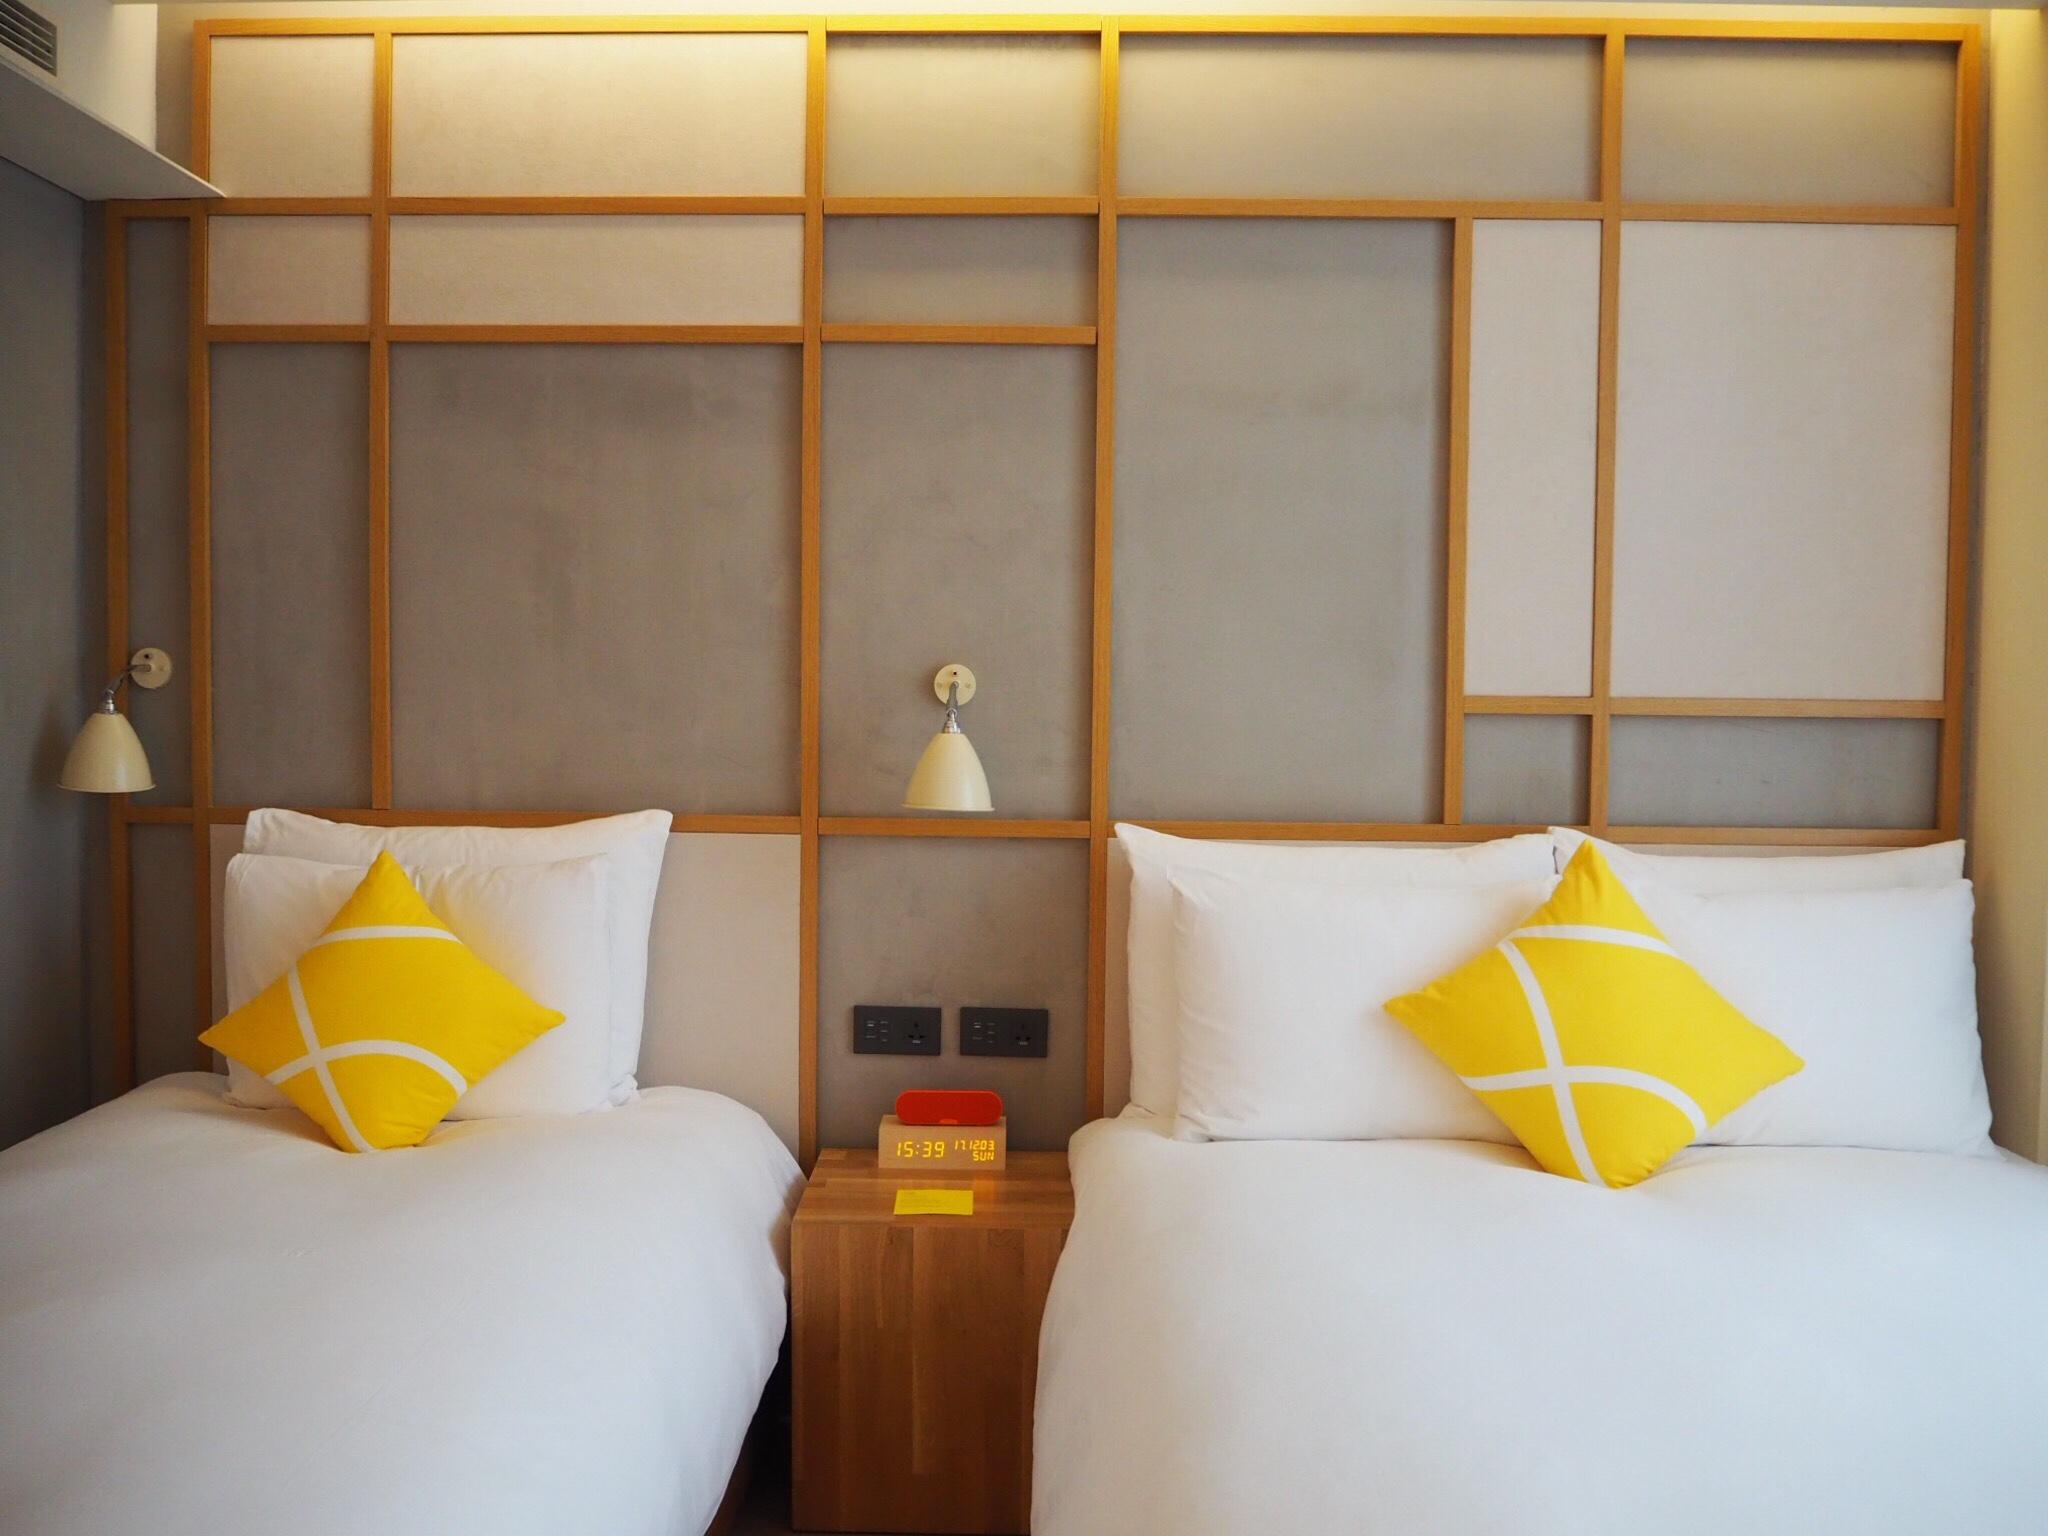 b06c4e7b 7084 4321 ab07 489f5d78eae9 - L7 HOTELS - どこを切り取ってもフォトジェニック!韓国ソウルに新しくオープンしたロッテグループのデザイナーズホテル